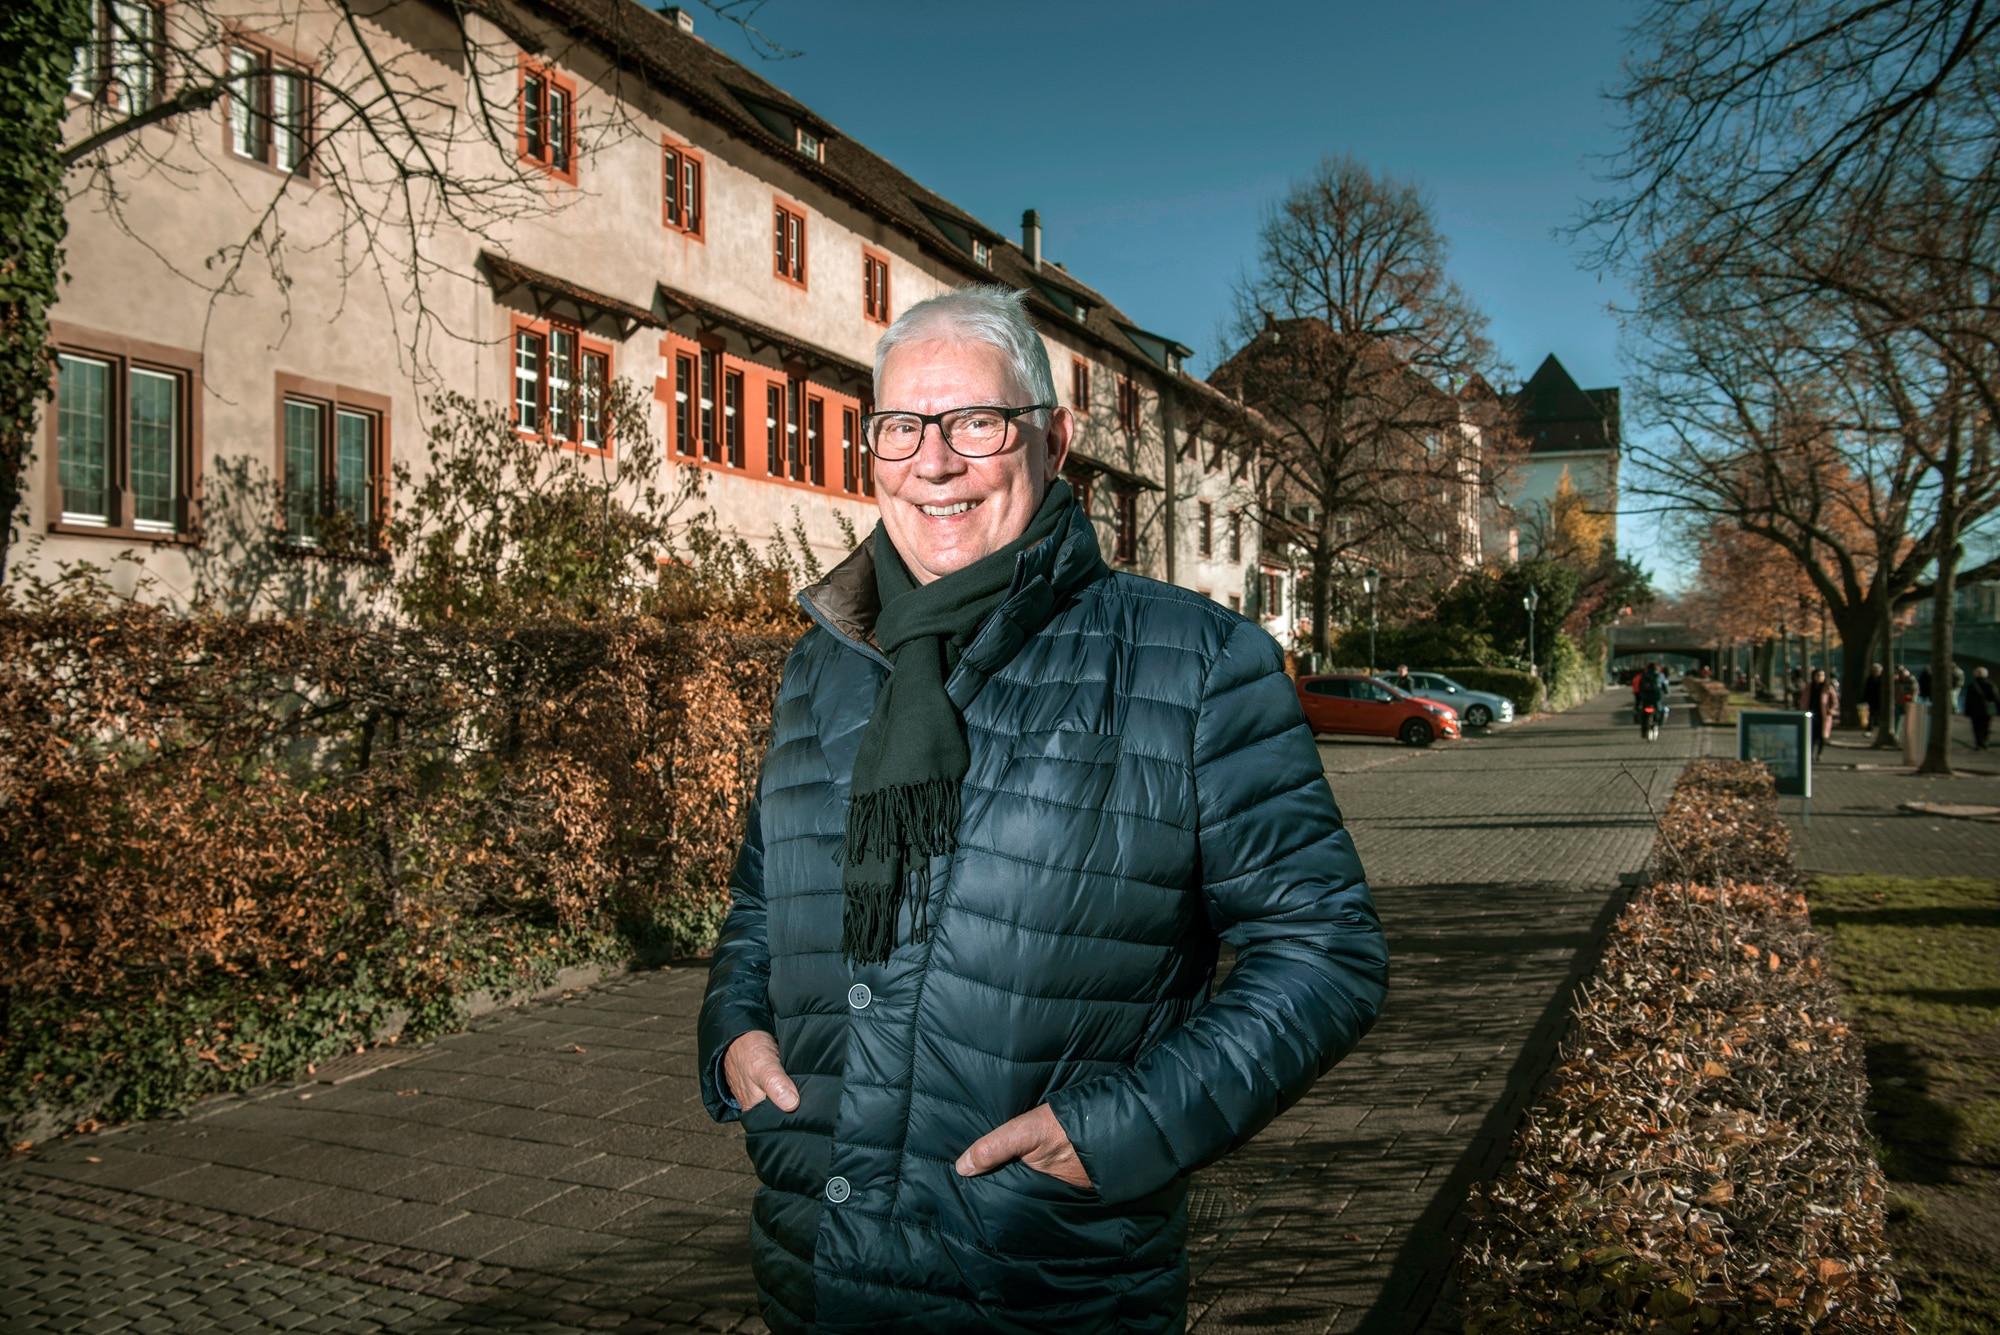 Seit 24 Jahren am Unteren Rheinweg wohnhaft und neuerdings Präsident des Vereins Rheinpromenade: André Stohler.